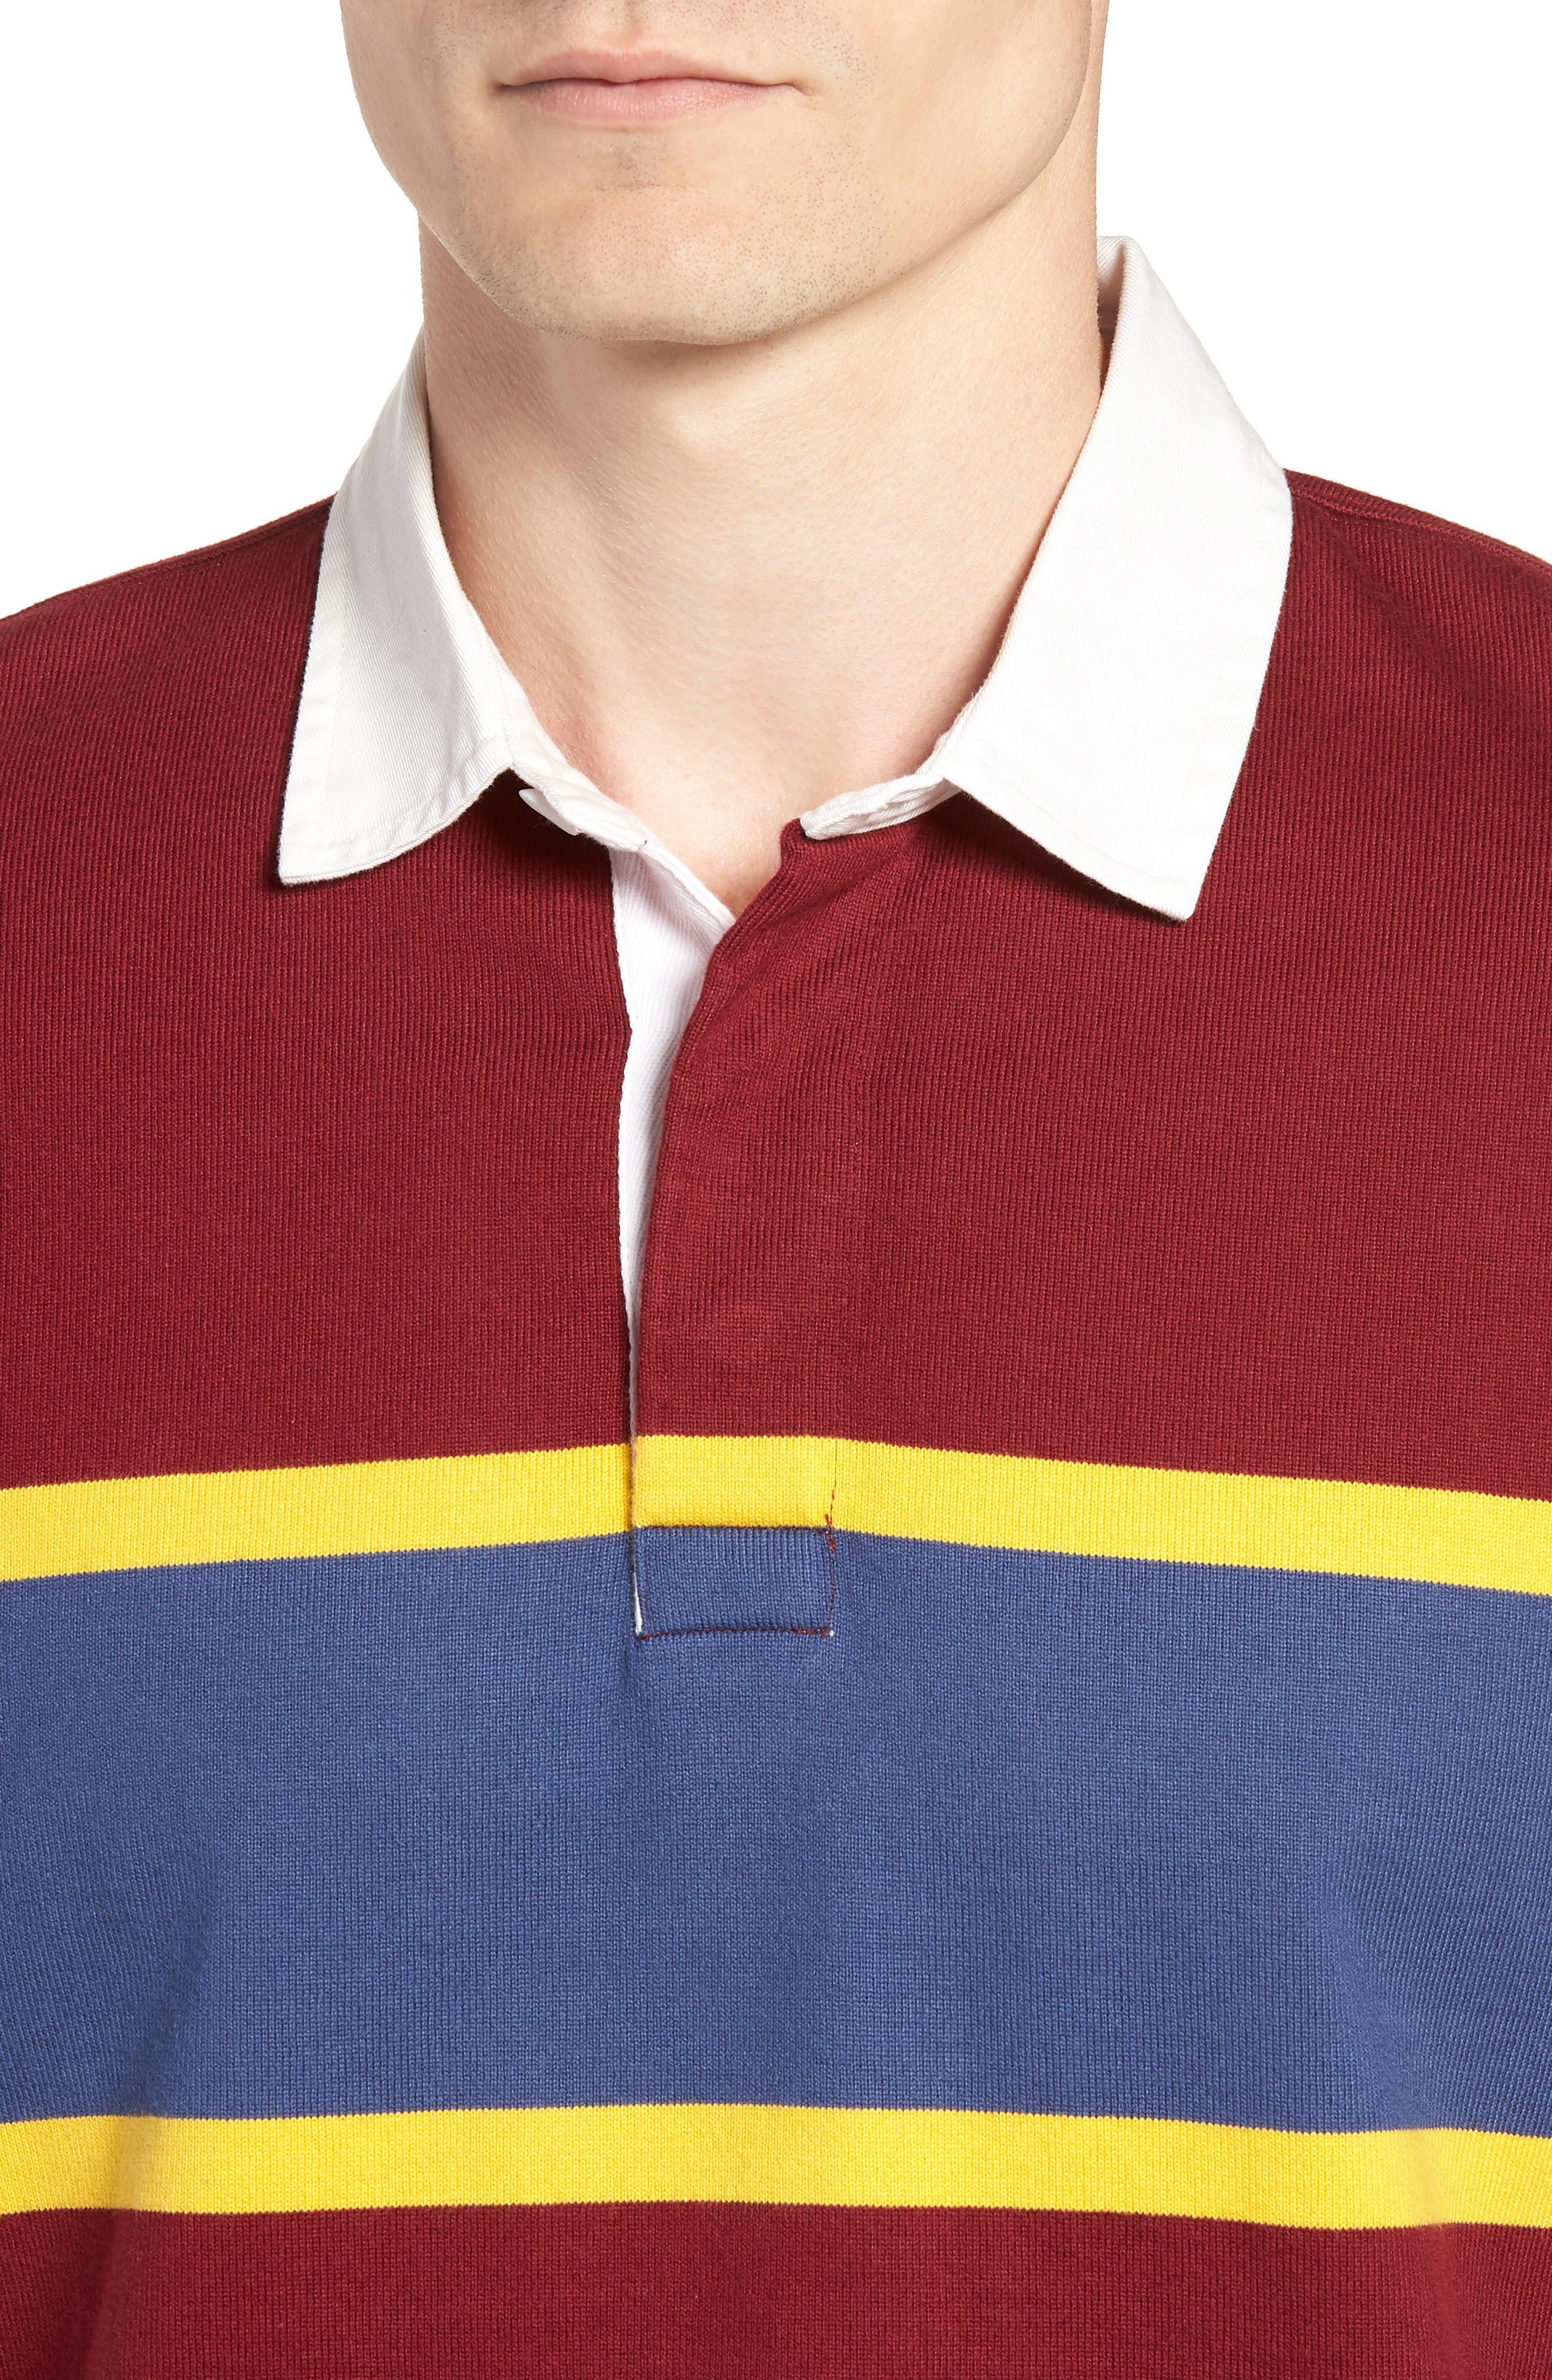 1984 Rugby Shirt,                             Alternate thumbnail 4, color,                             Mahogany